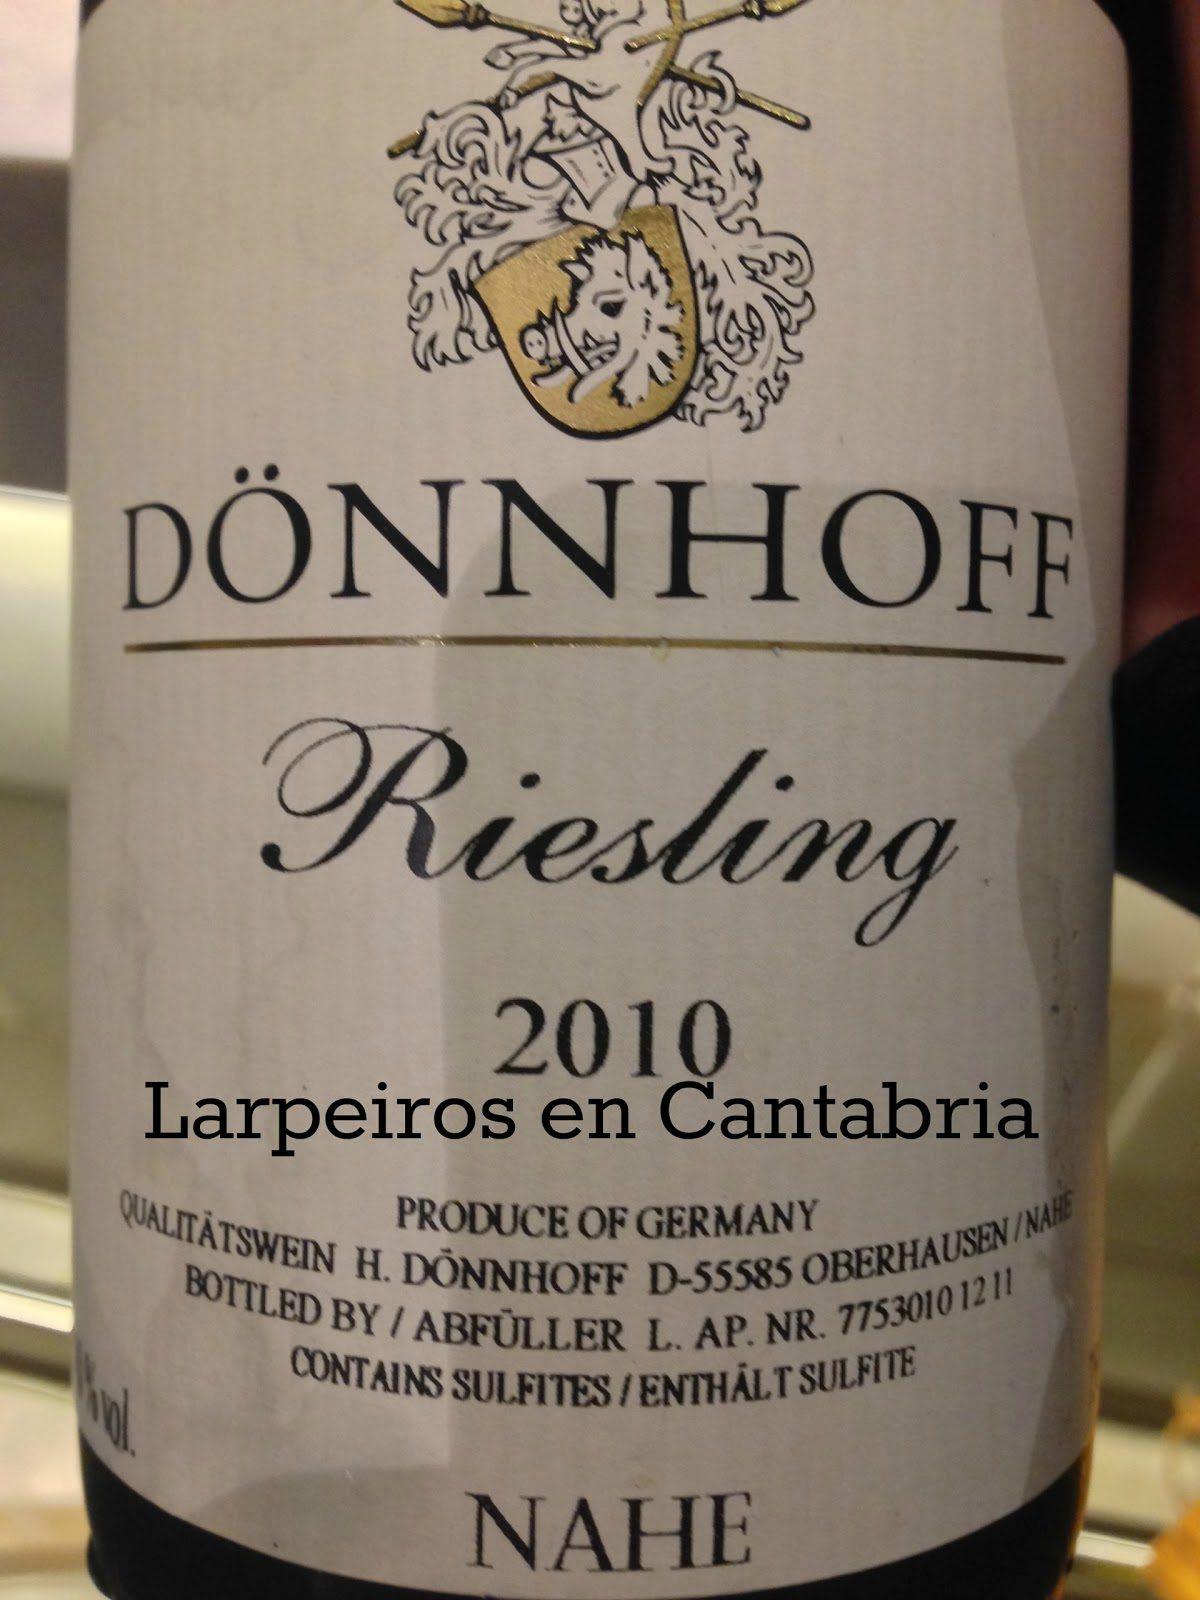 Vino Blanco Dönnhoff Riesling 2010: Manteniendo la línea